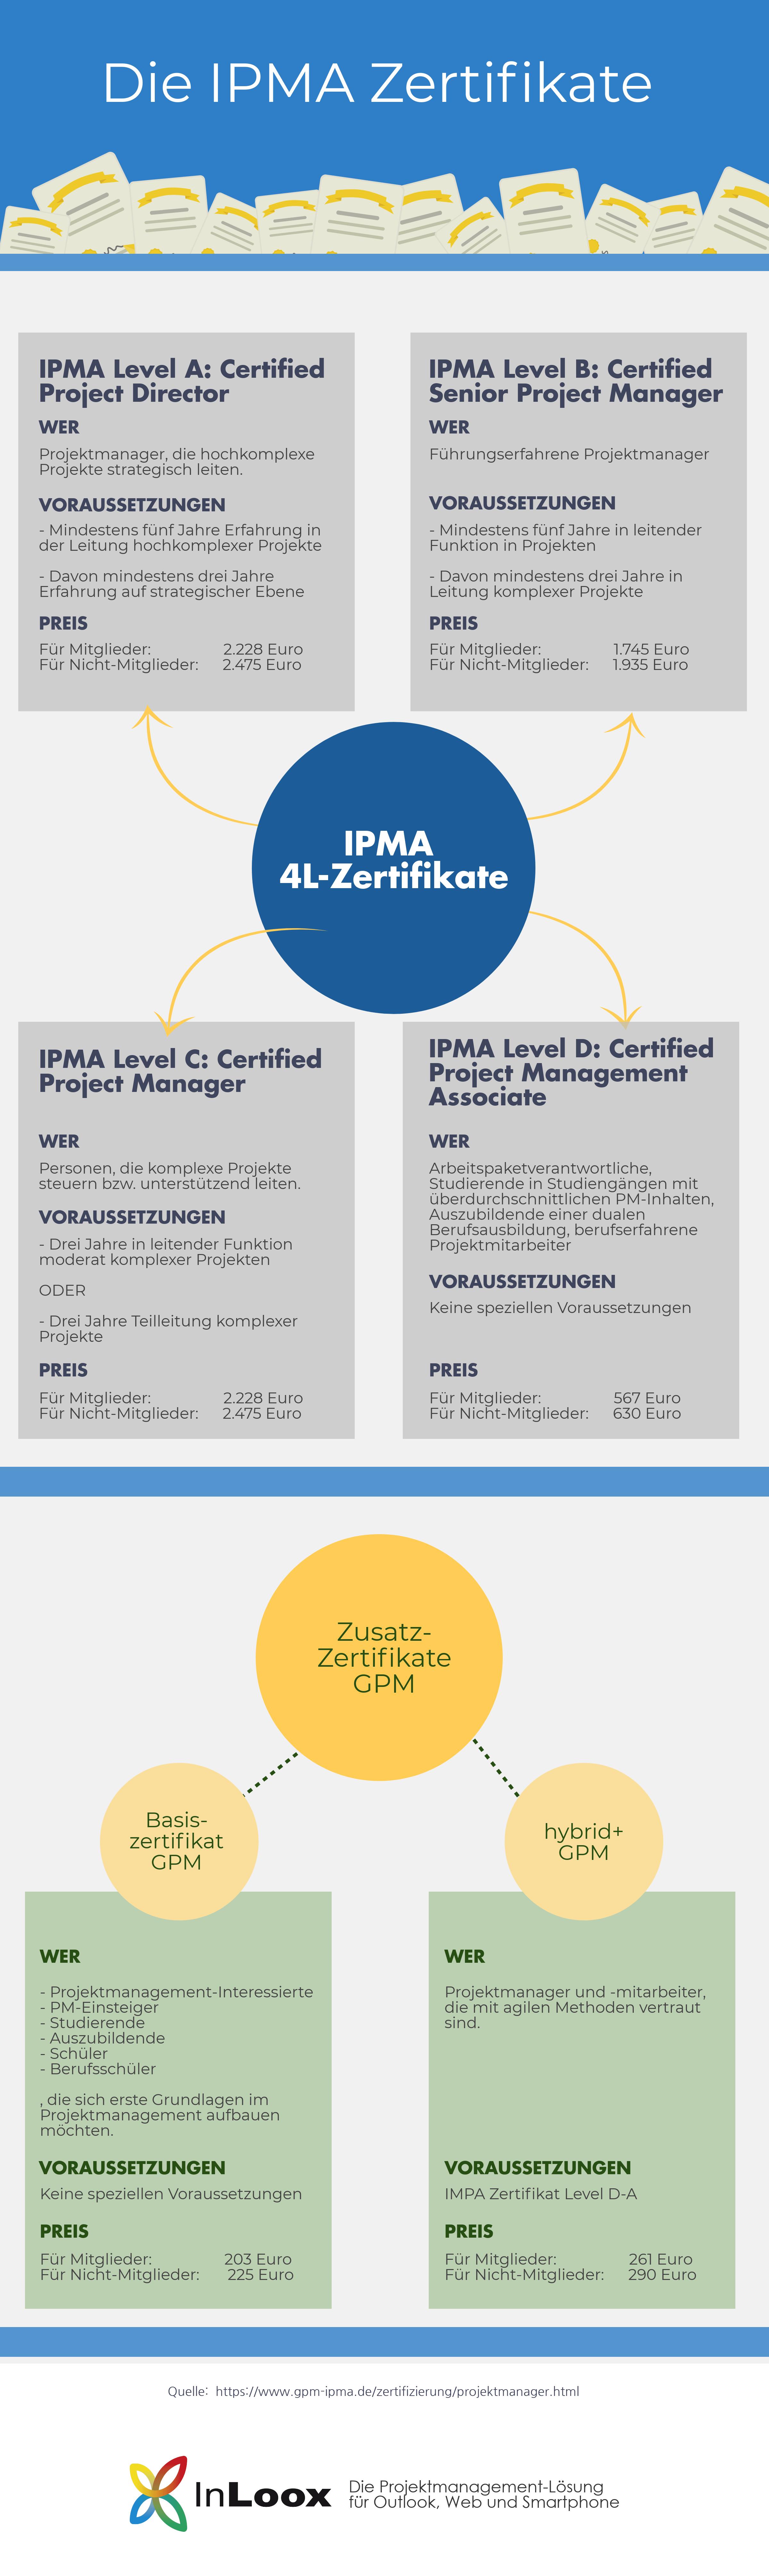 Die IPMA Zertifikate